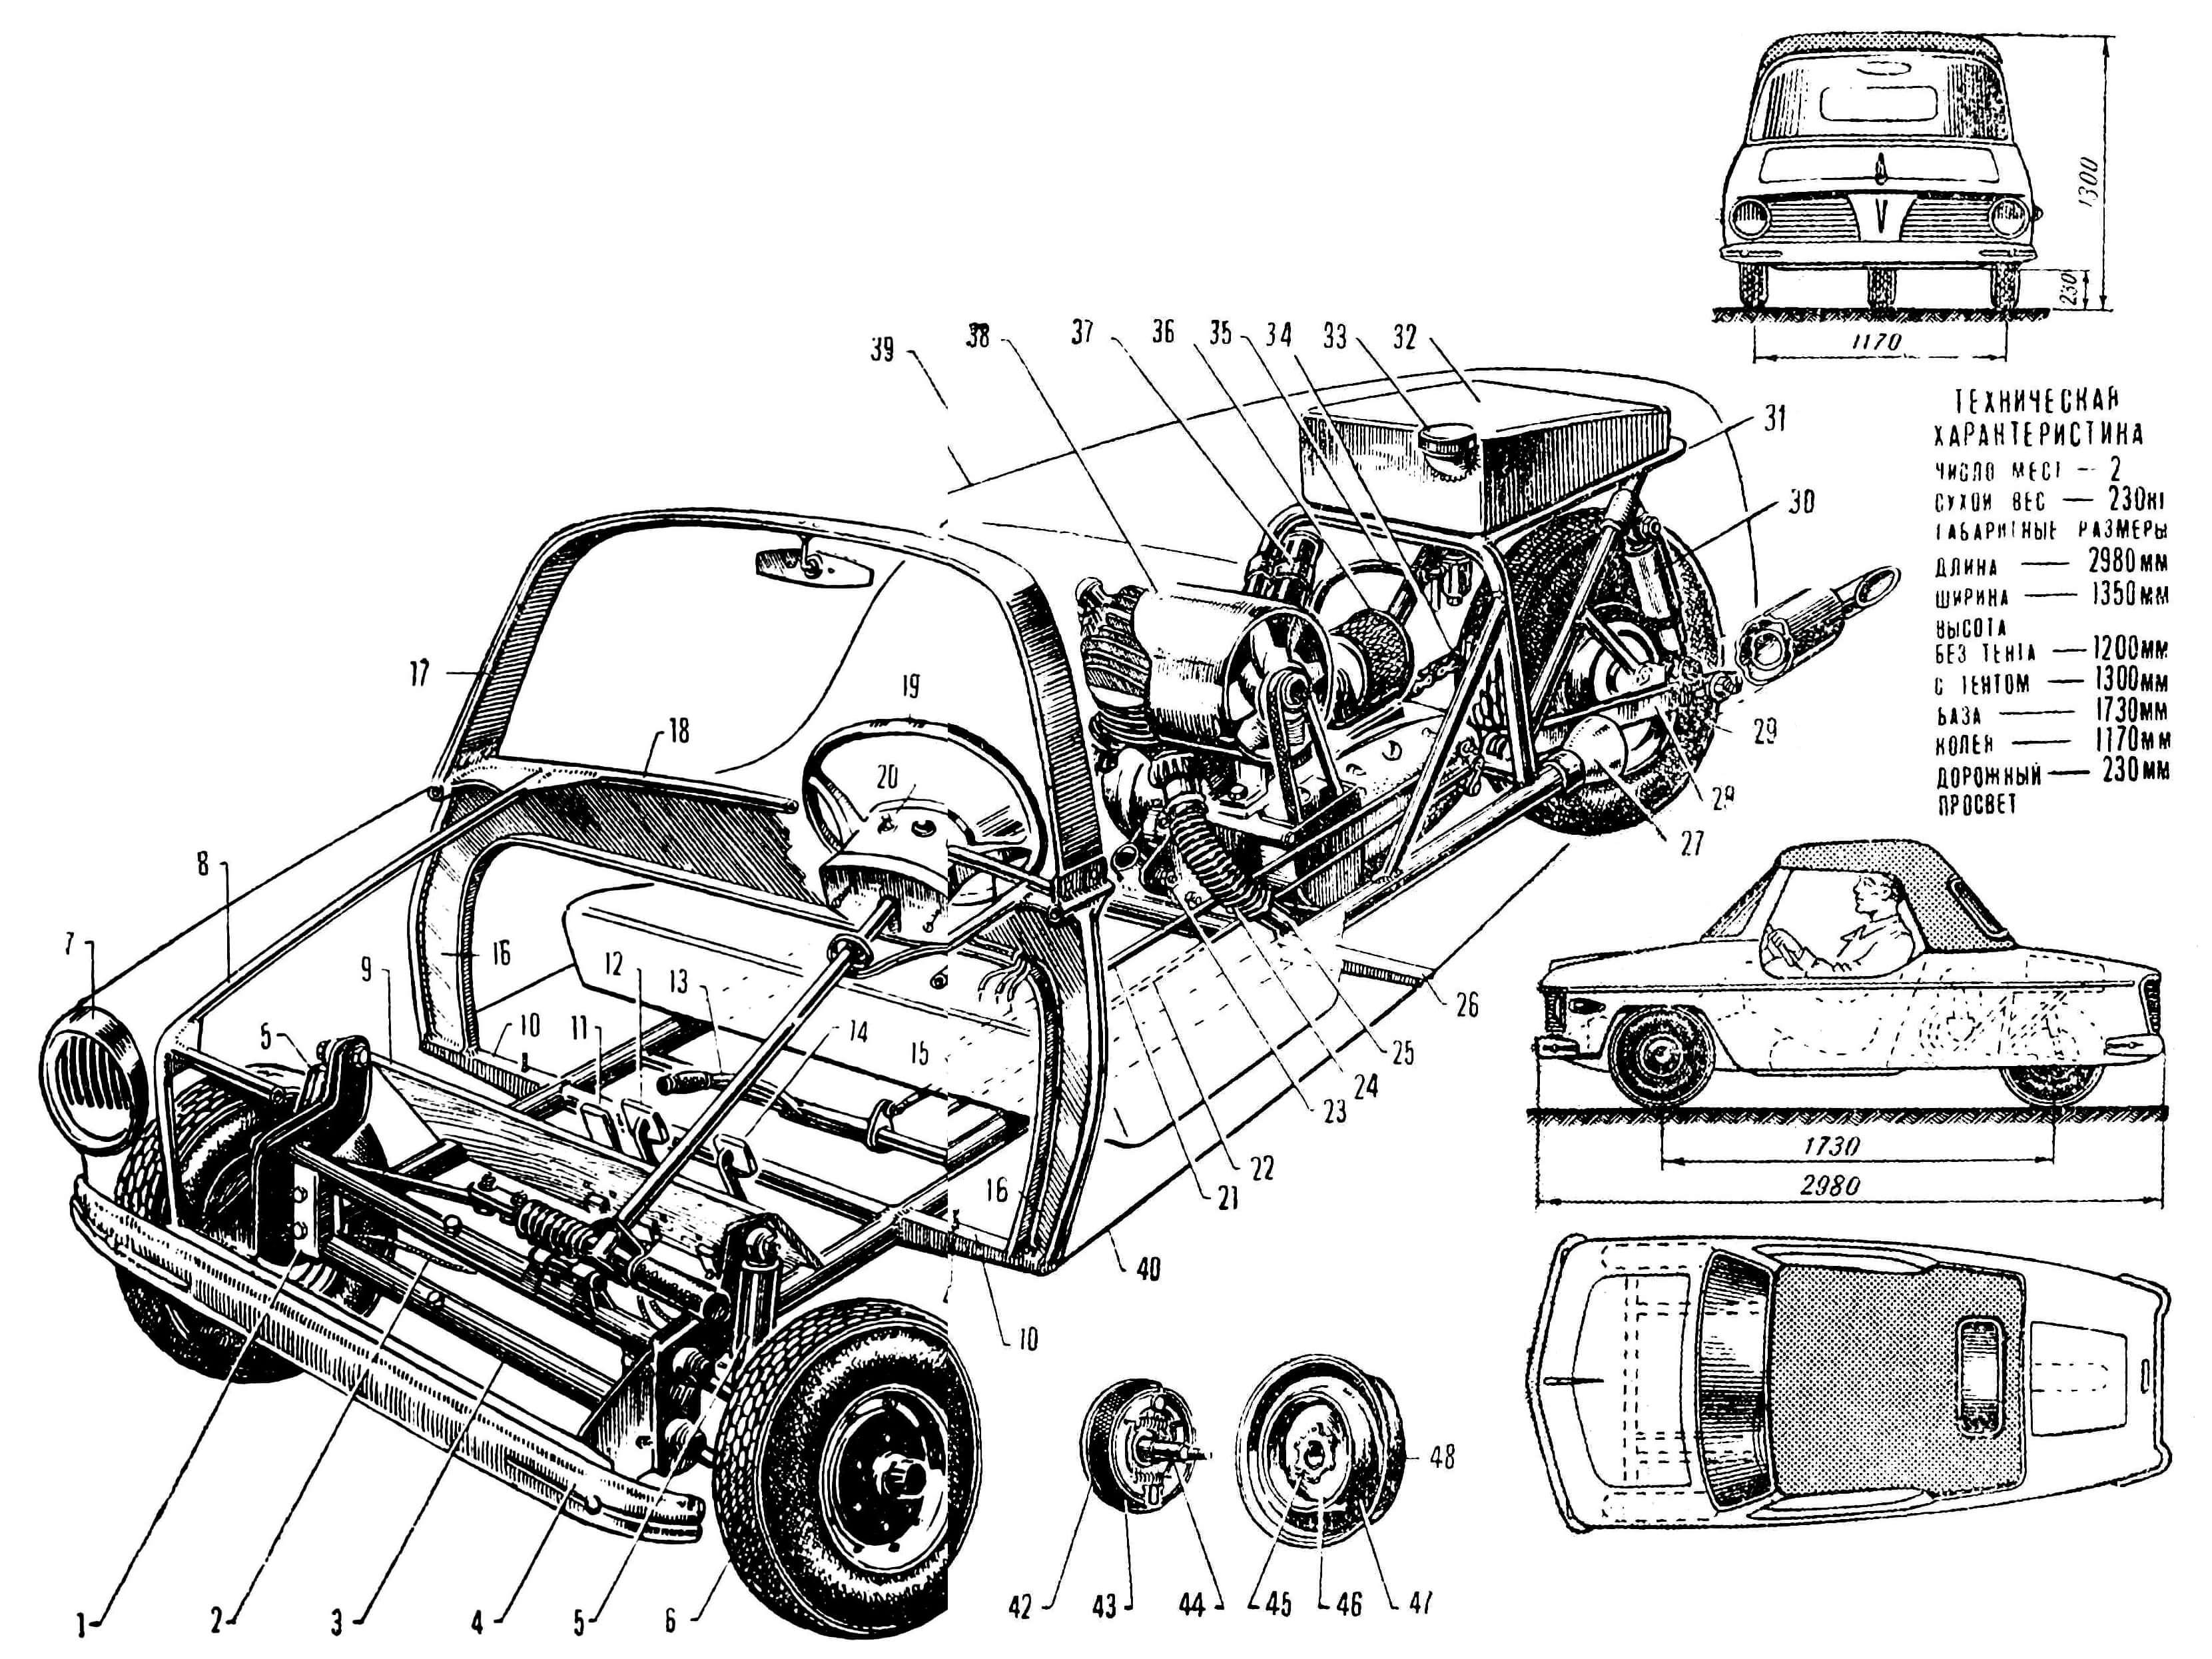 РИС. 1. ТРЕХКОЛЕСНЫЙ МИКРОАВТОМОБИЛЬ «СТАРТ»: 1 — узел крепления переднего моста к раме; 2 — трос переднего тормоза в гибкой оболочке; 3 — передний мост; 4 — передний бампер; 5 — амортизатор; 6 — переднее колесо (от мотороллера); 7 — фара; 8 — каркас; 9 — наклонная часть пола; 10 — поперечина рамы; 11 — педаль управления дроссельной заслонкой; 12 — педаль тормоза; 13 — рычаг ручного стартера; 14 — педаль сцепления; 15 — рычаг переключения передач; 16 — стенка рамы приборной доски; 17 — рамка ветрового стекла; 18 — каркас рамы приборной доски; 19 — рулевое колесо; 20 — пульт управления электросистемой, расположенный в ступице; 21 — тяга ручного стартера; 22 — тяга привода переключения передач; 23 — передний узел крепления двигателя; 24 — гибкая труба выхлопного патрубка; 25 — приемный патрубок, вваренный в продольную трубу рамы; 26 — кронштейн крепления пола; 27 — глушитель; 28 — маятниковая вилка; 29 — заднее колесо; 30 — амортизатор; 31 — рамка подвески заднего колеса; 32 — бензобак; 33 — заливная горловина; 34 — ведущая цепь; 35 — бензопровод; 36 — воздушный фильтр карбюратора; 37 — катушка зажигания; 38 — кожух принудительного охлаждения двигателя; 39 — контур задней части кузова; 40 — пол; 41 — болты крепления кузова; 42 — опорный диск тормозных колодок; 43 — тормозные колодки; 44 — полуось; 45 — фланец ступицы; 46 — диск ступицы; 47 — тормозной барабан; 48 — диск колеса.